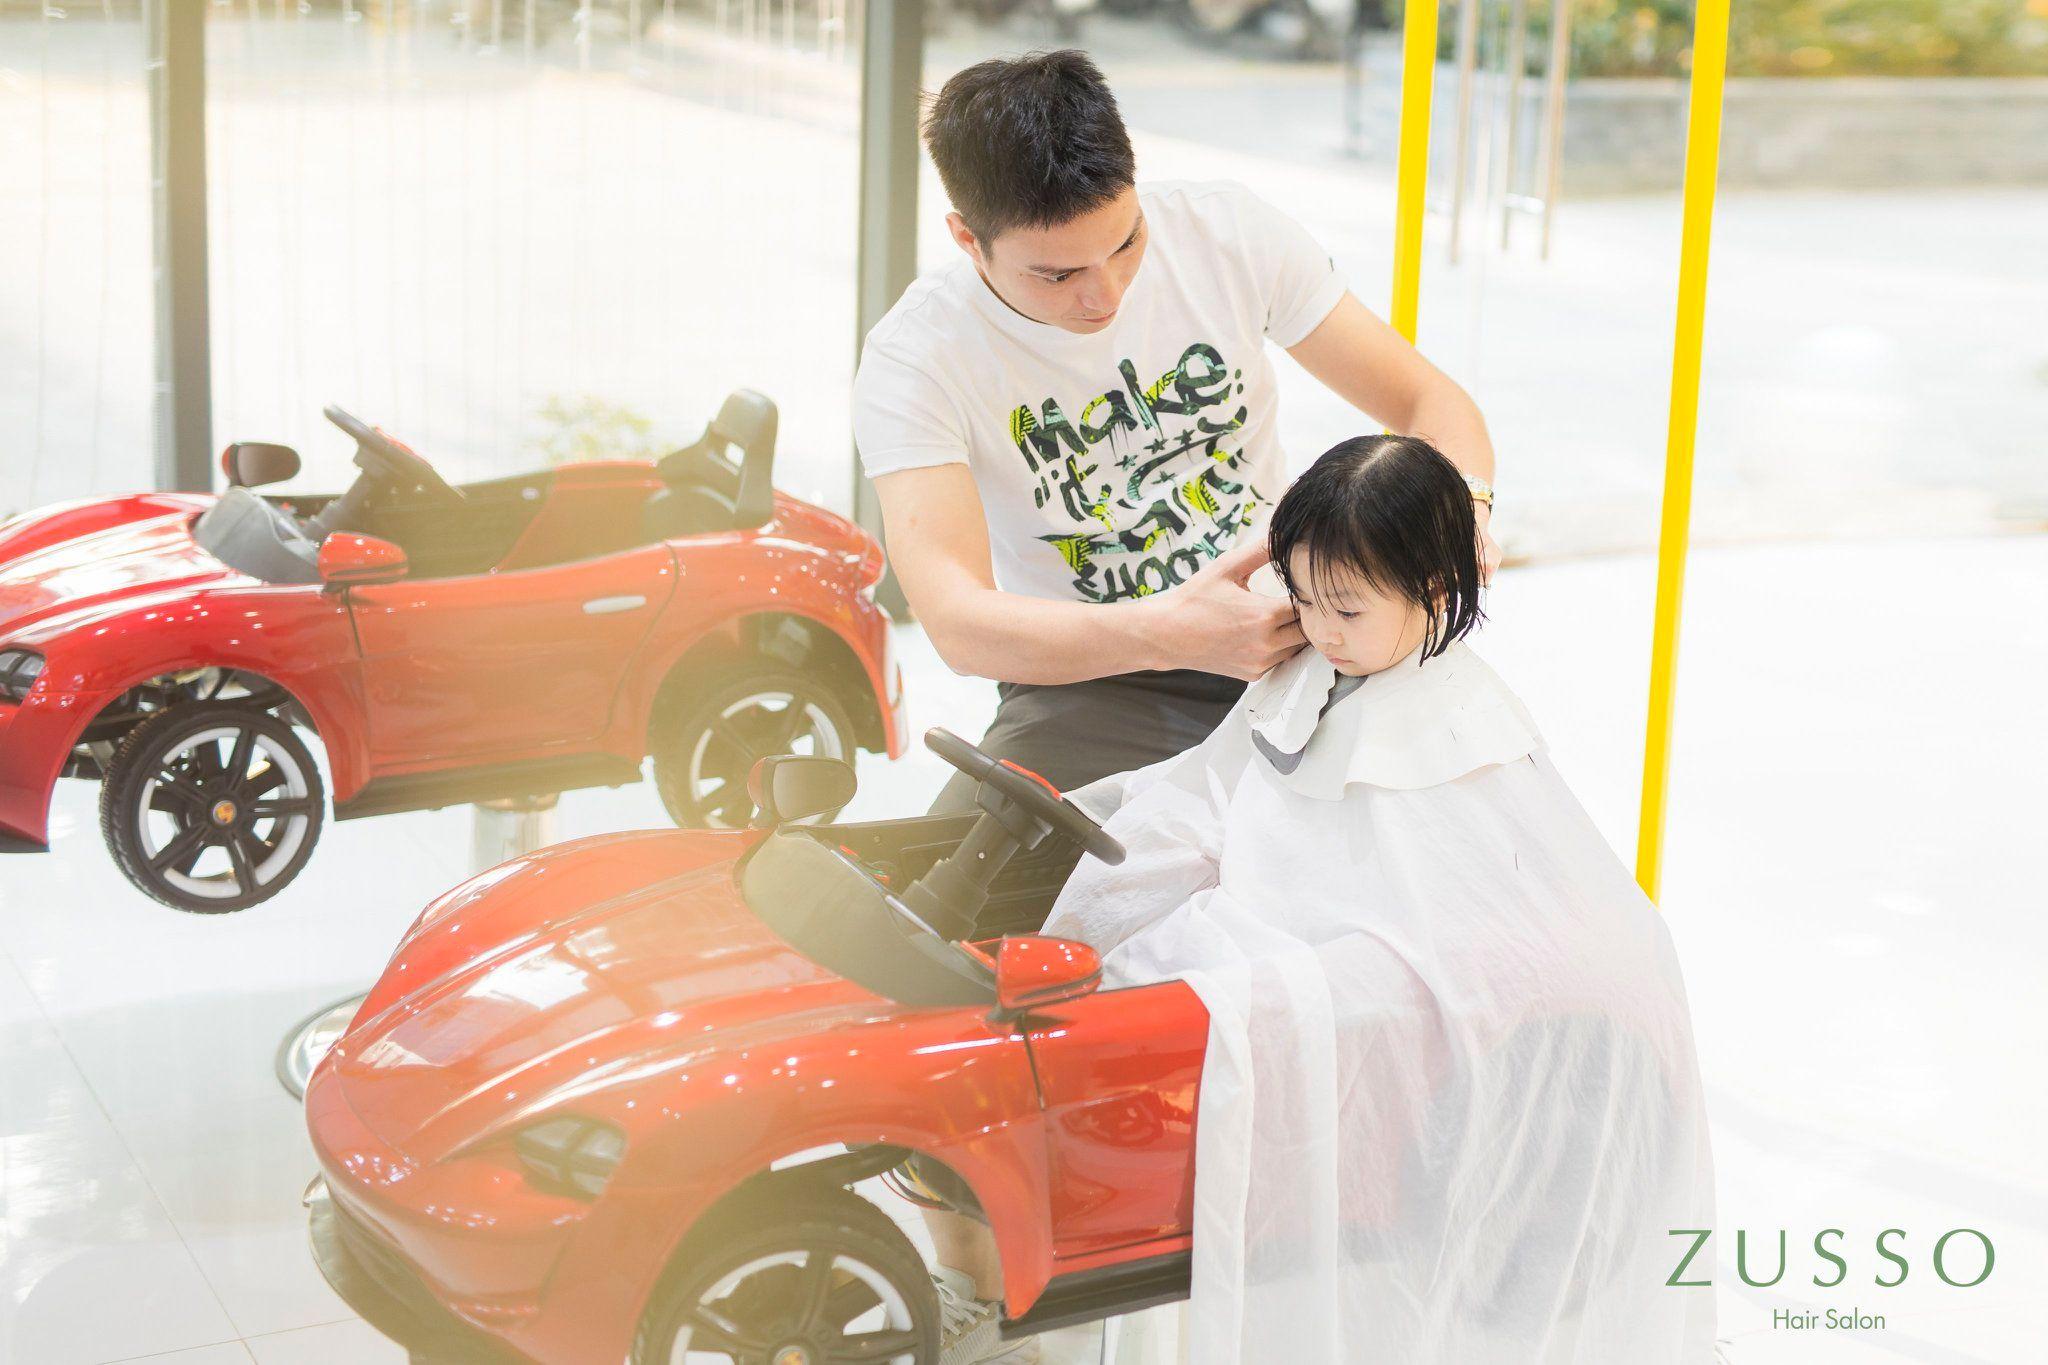 Nhuộm tóc an toàn cho bé để không bị ảnh hưởng đến sức khỏe